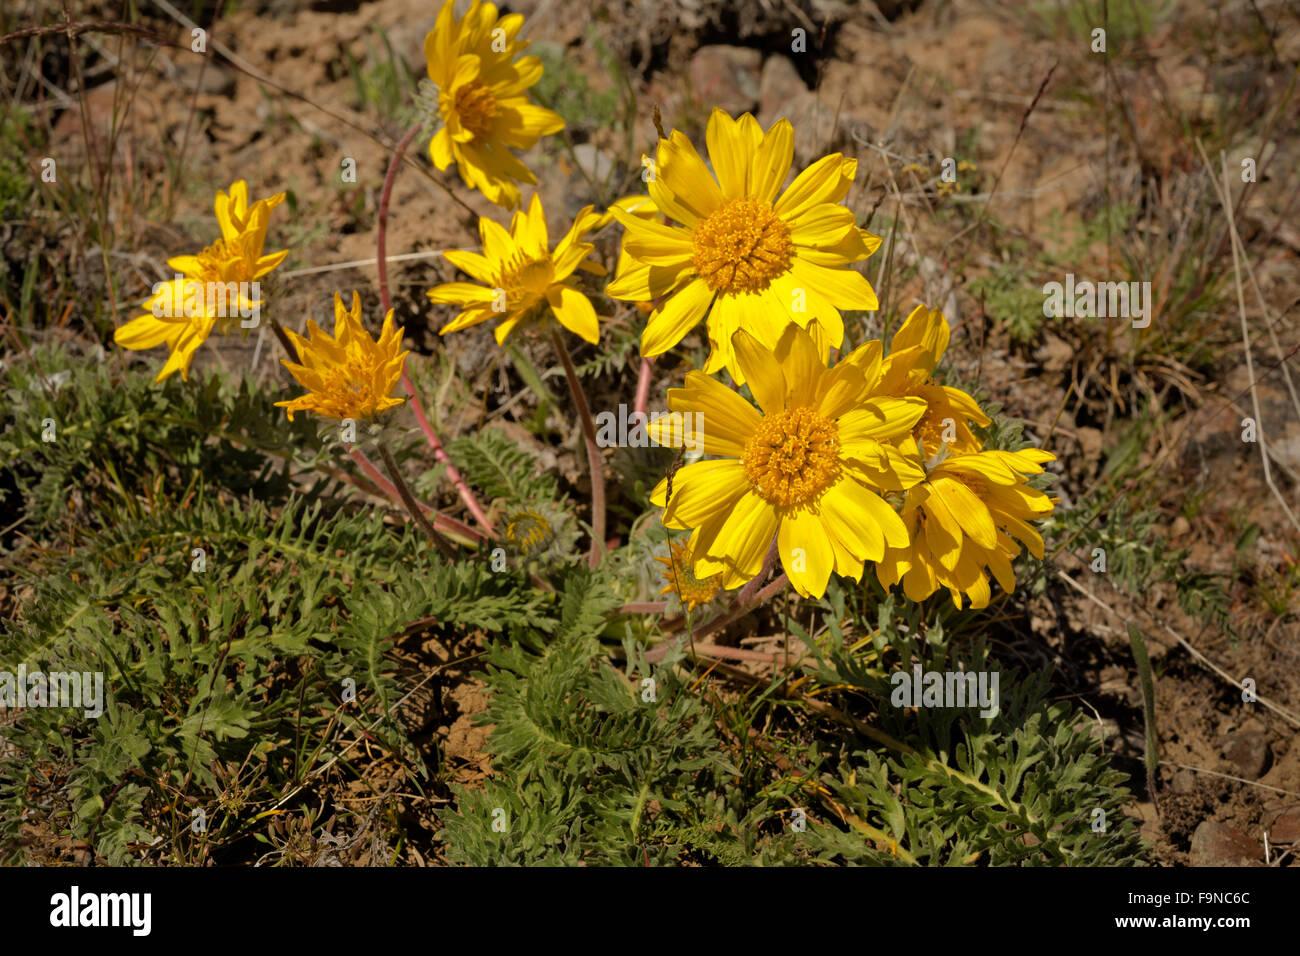 WA12385-00...WASHINGTON - Fleurs de soleil dans les steppes arbustives des Beezley Hills au nord de Quincy. Photo Stock